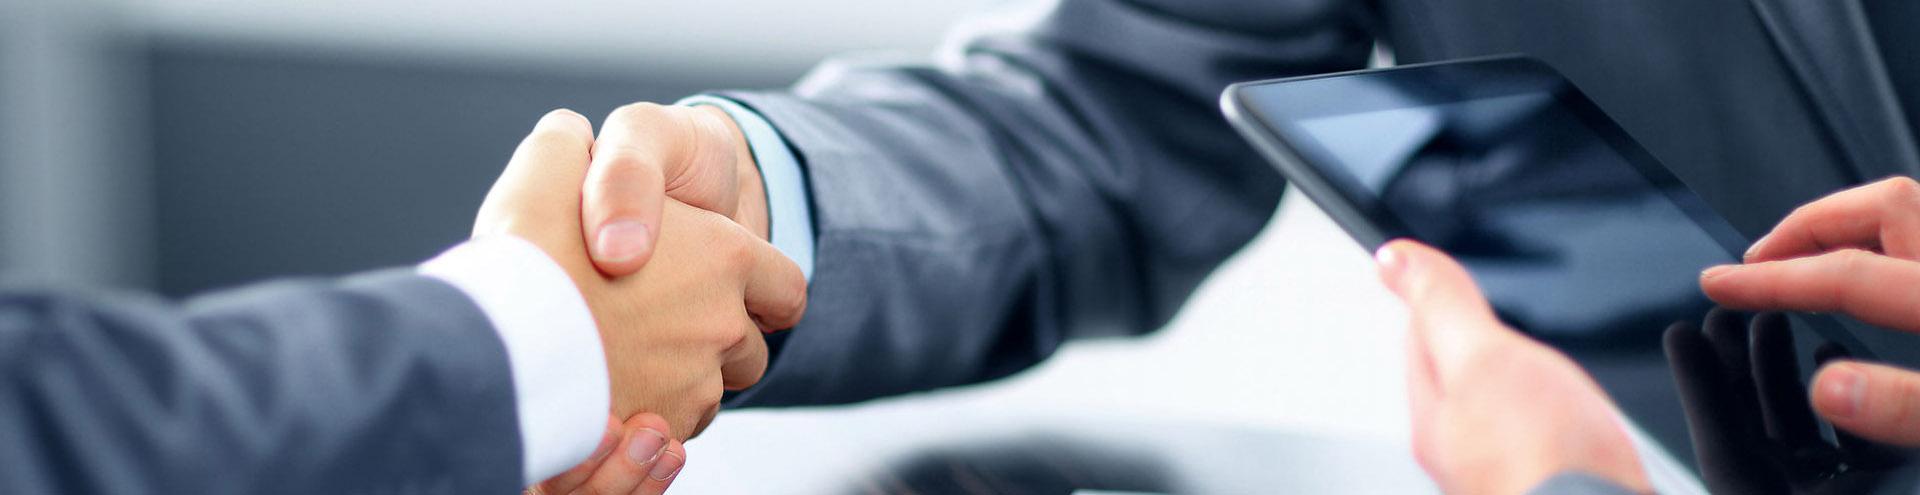 юридическое обслуживание предпринимателей в Оренбурге